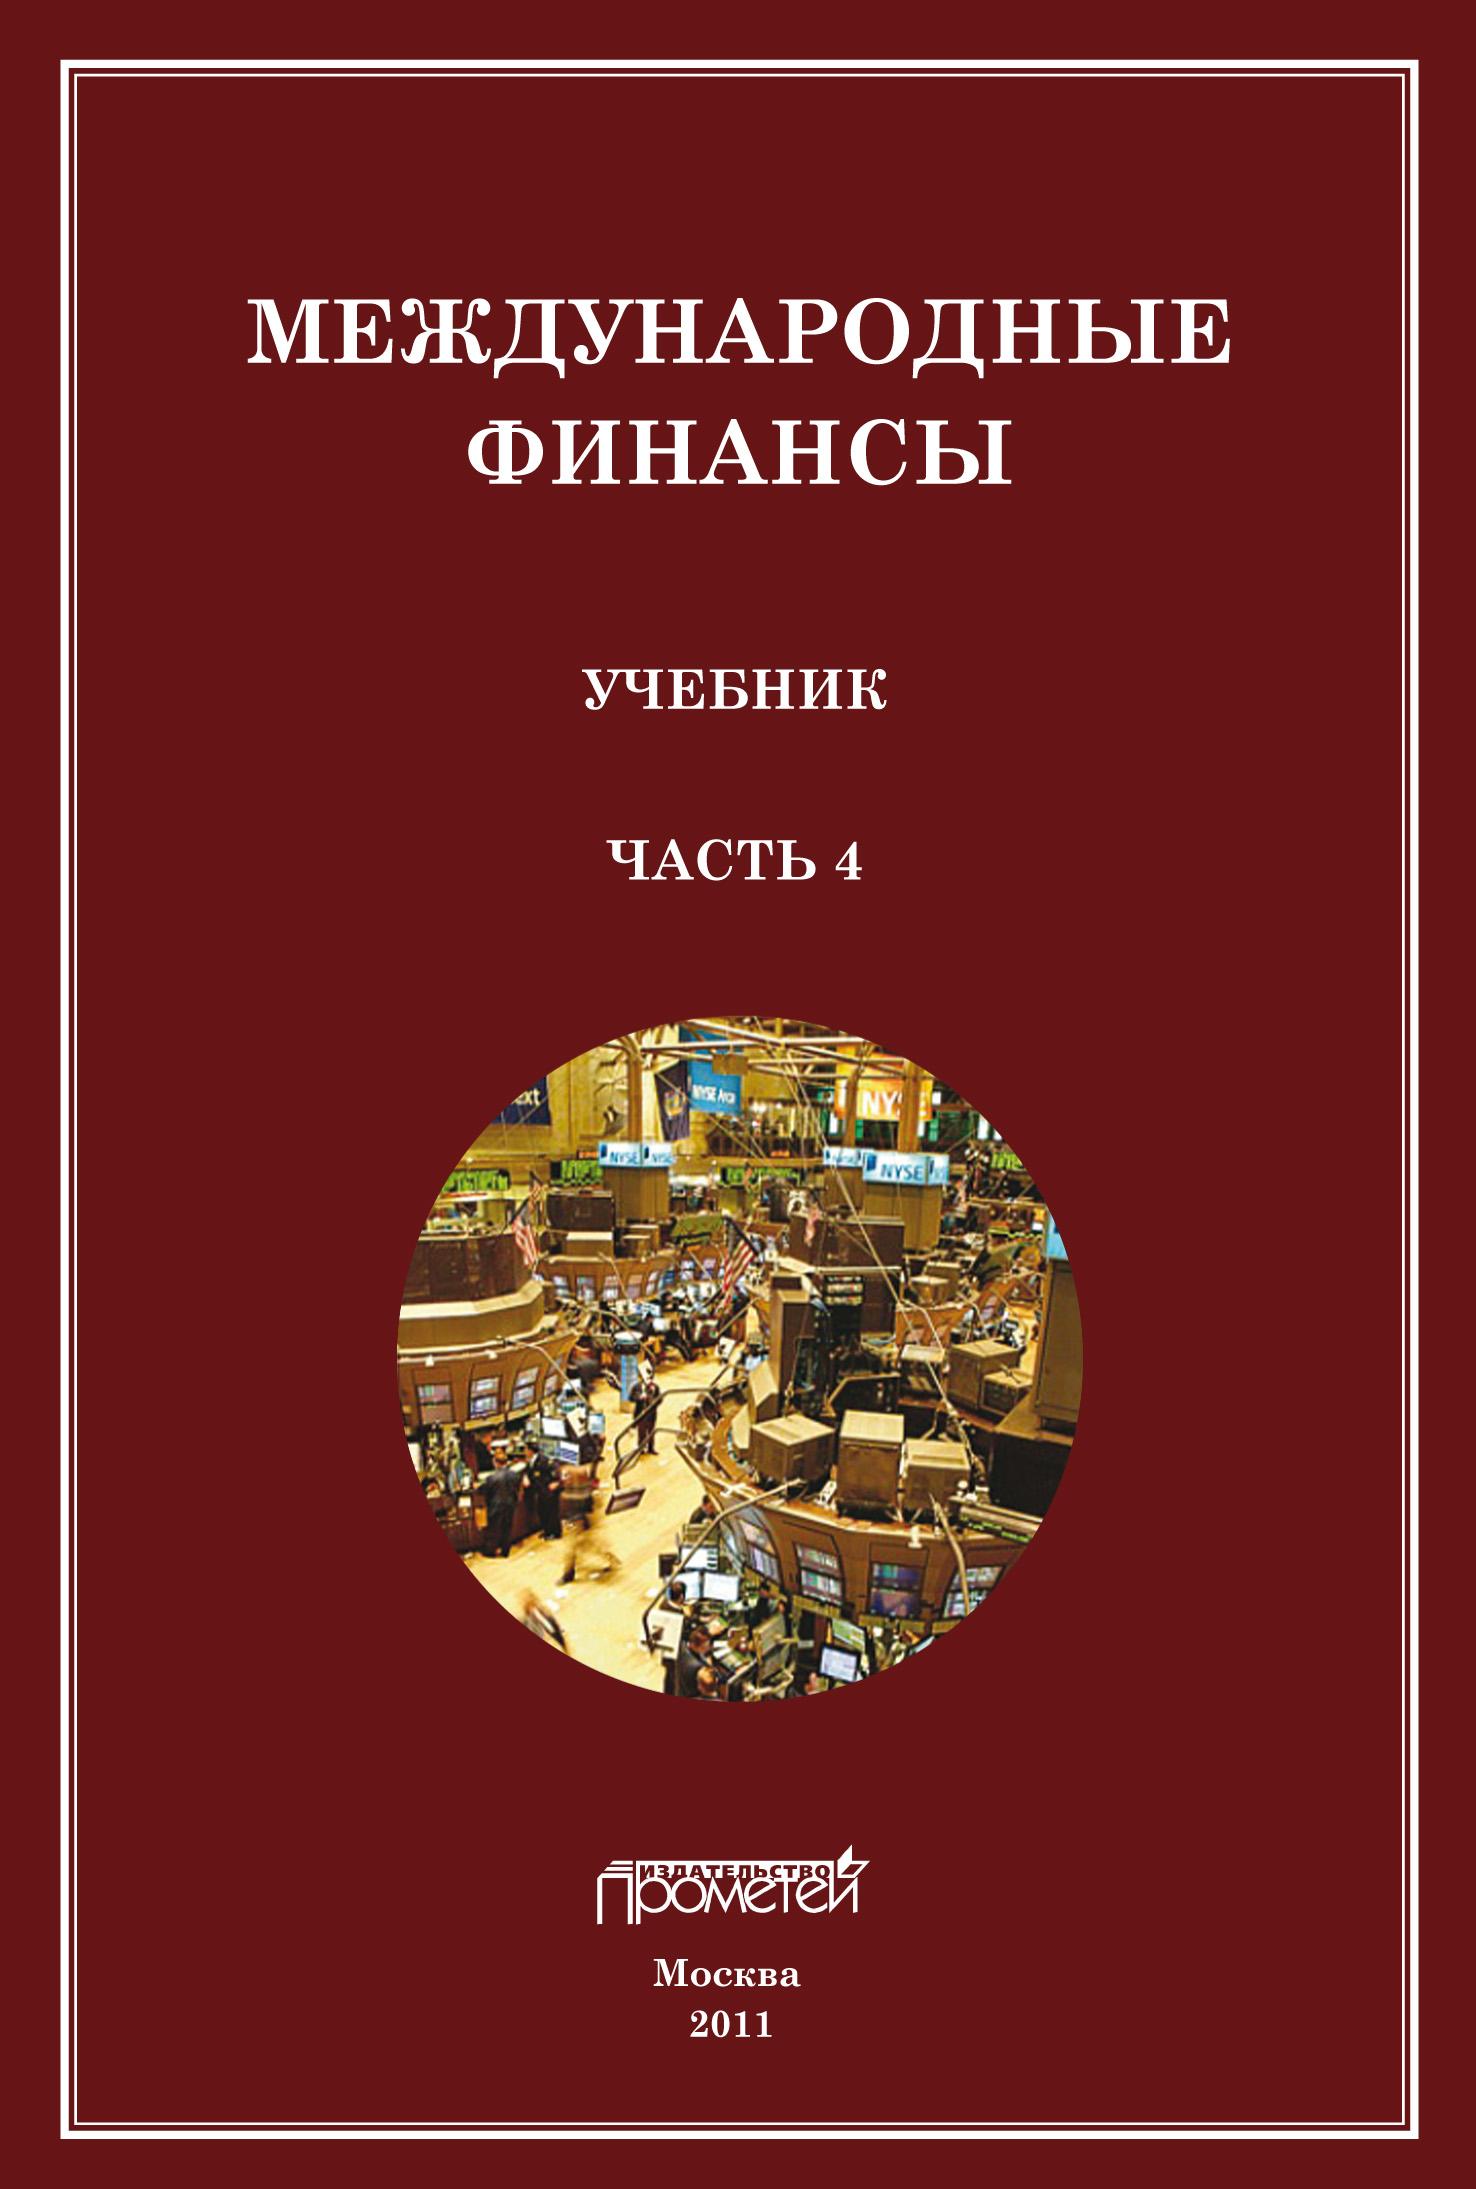 Сергей Матросов «Международные финансы. Учебник. Часть 4»